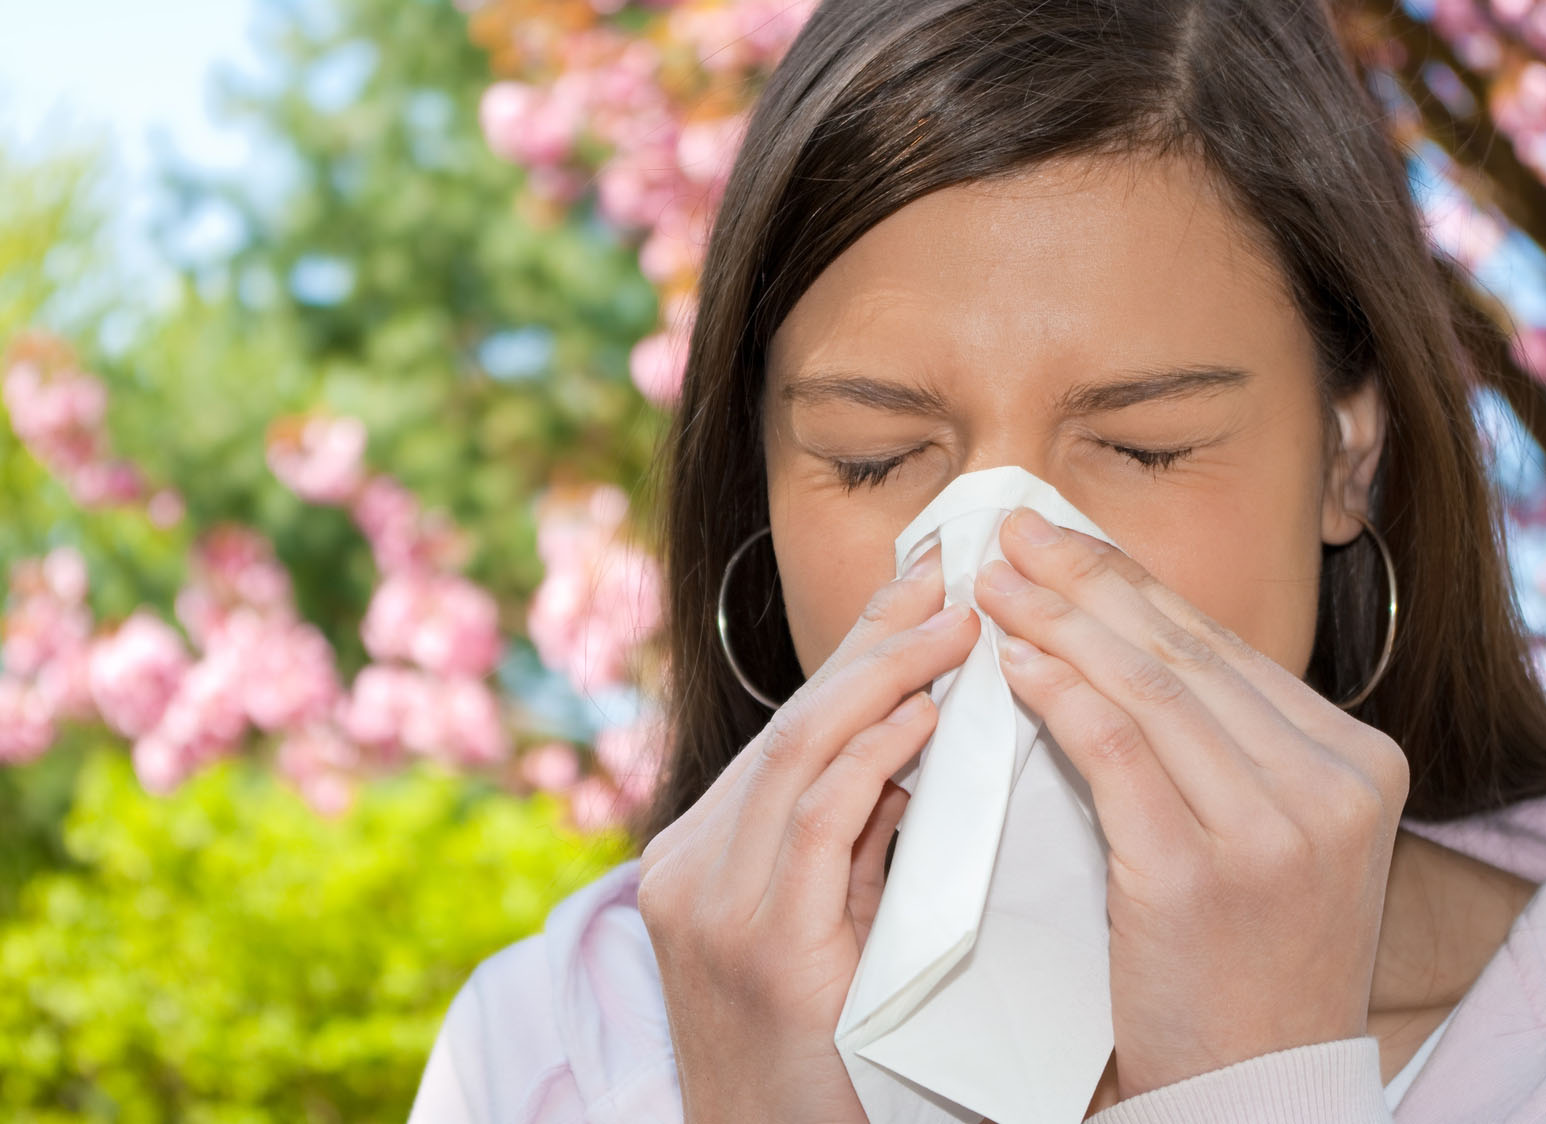 Alergia en el ciclismo. Síntomas y remedios